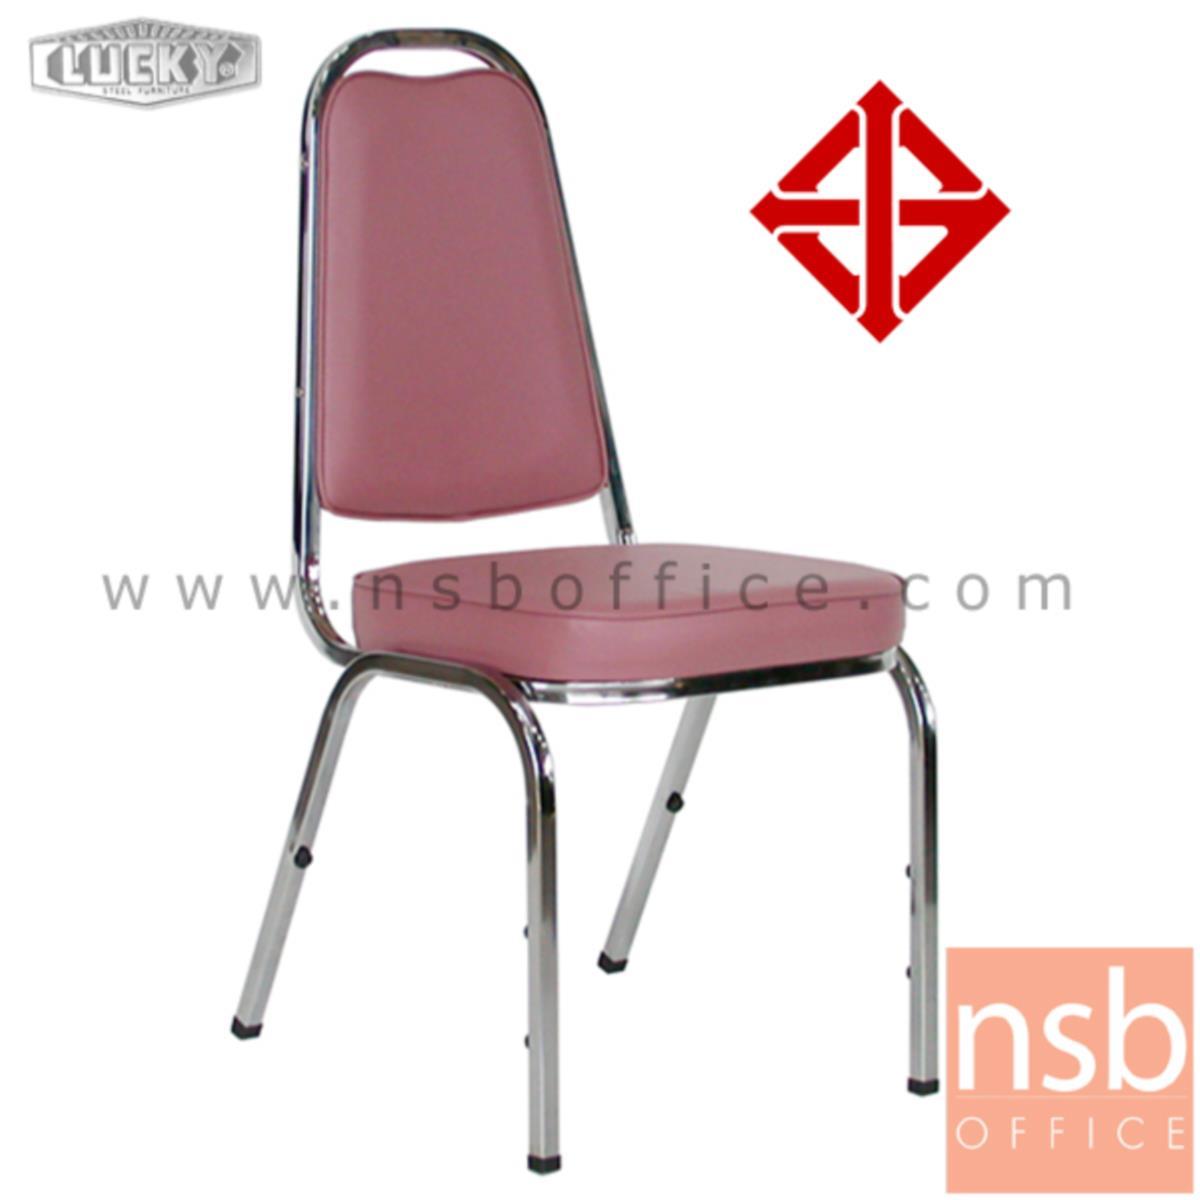 B08A079:เก้าอี้อเนกประสงค์จัดเลี้ยง รุ่น LKC-01  ขาเหล็กชุบโครเมี่ยม